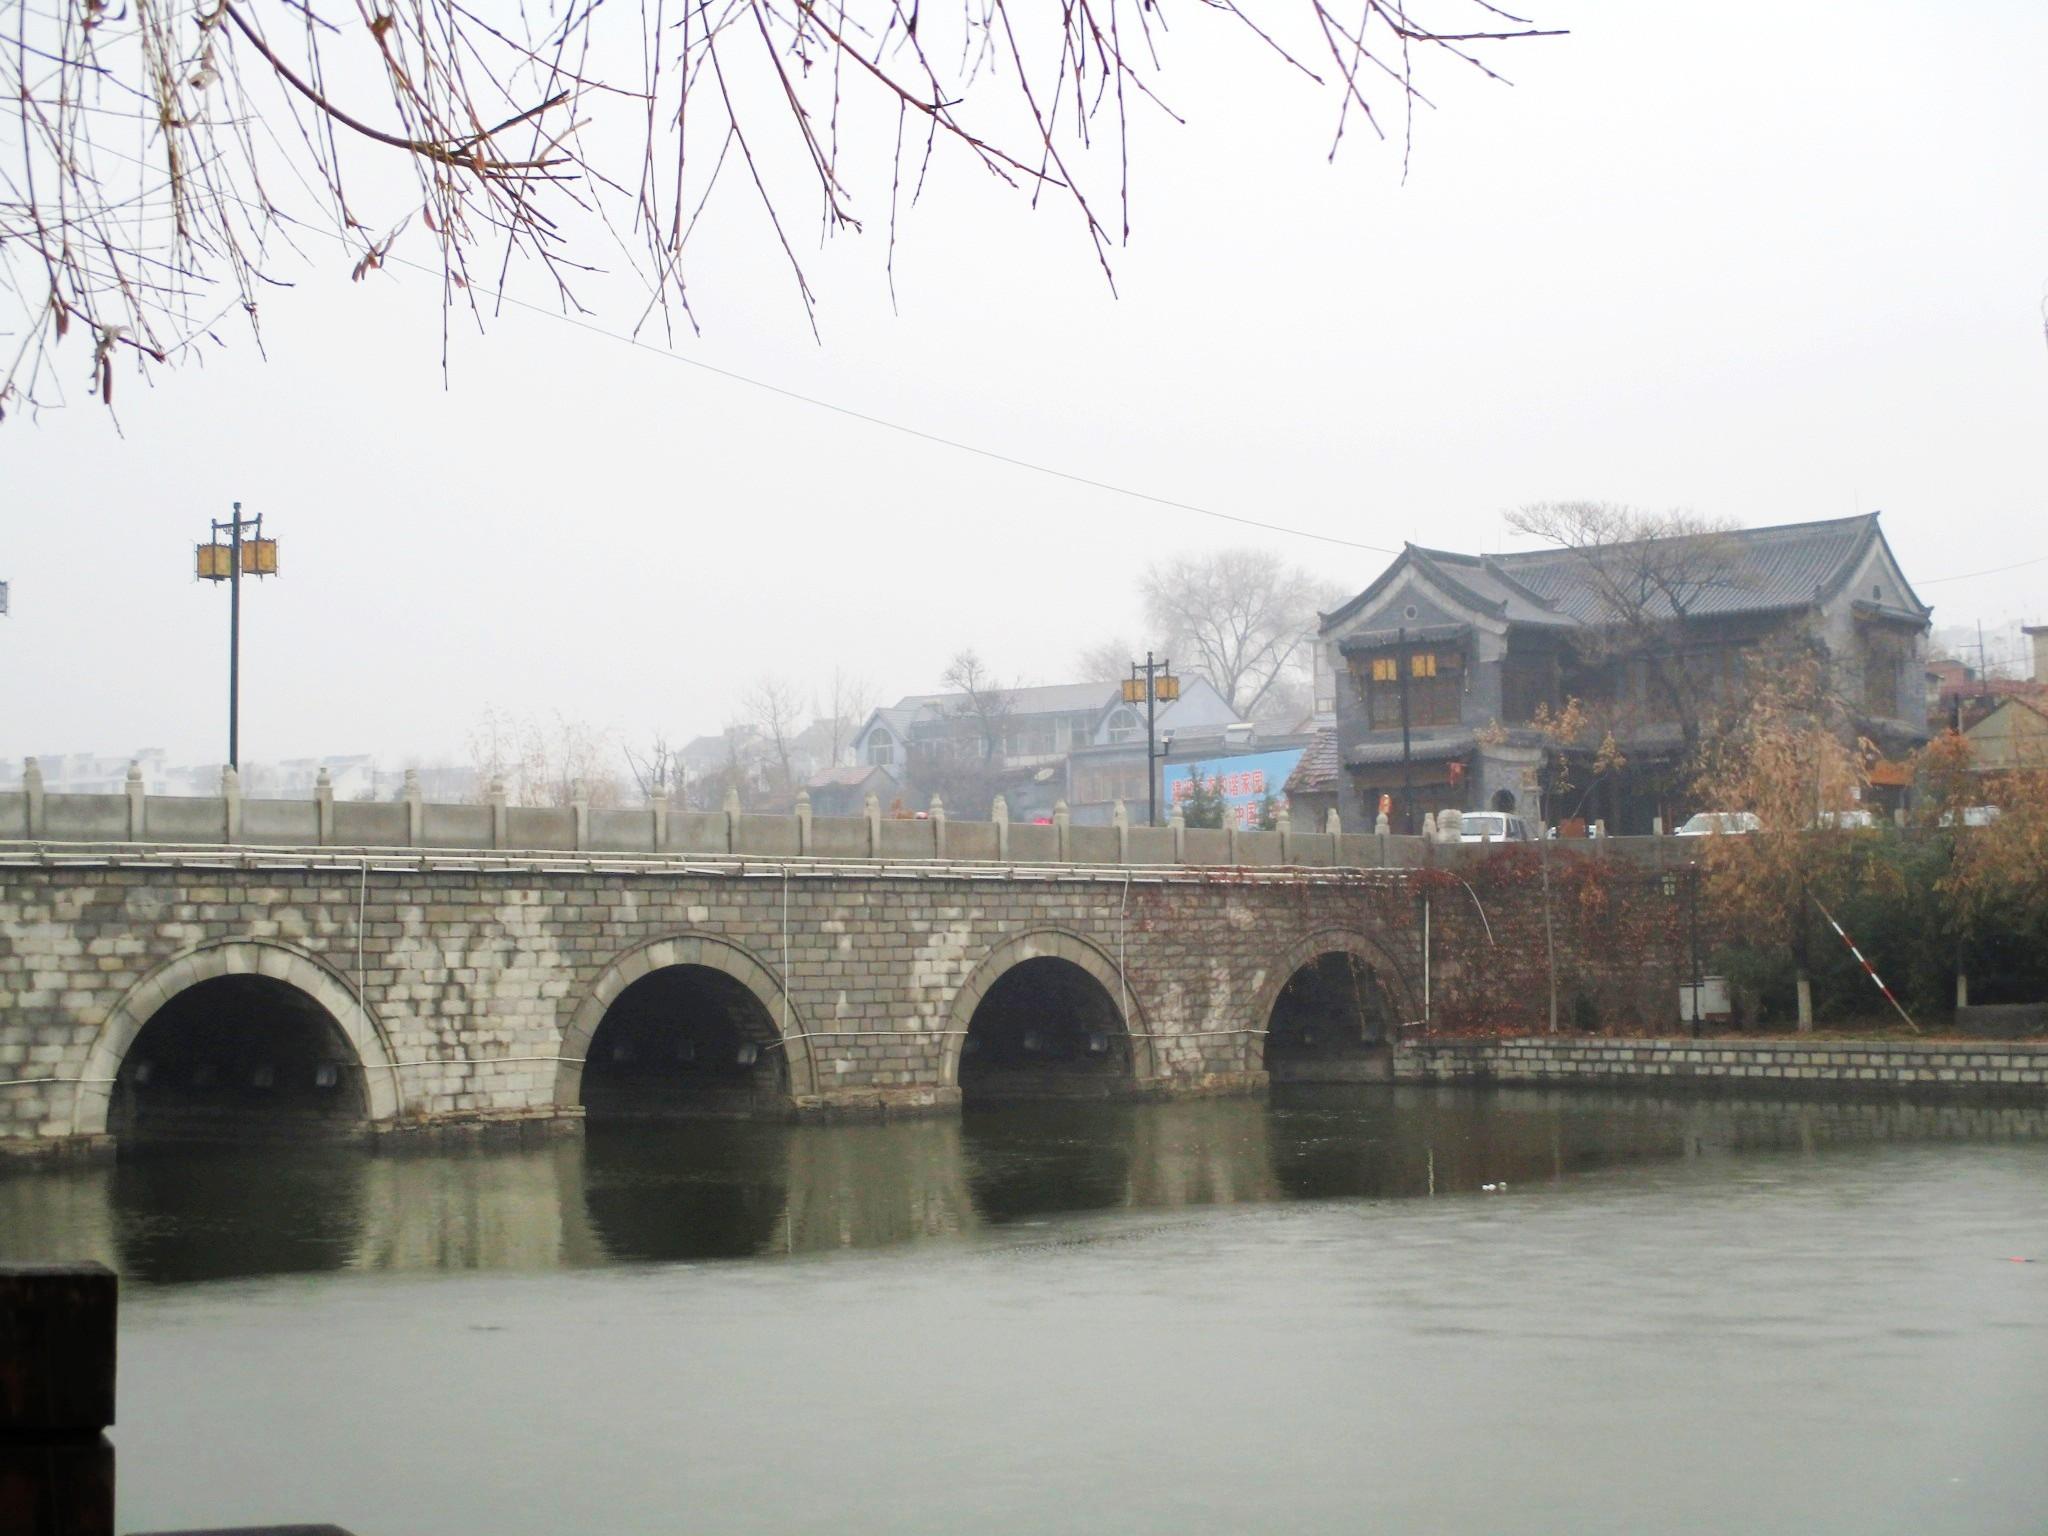 诗画.青州古城感怀 - 莱芜论坛 - 大众论坛